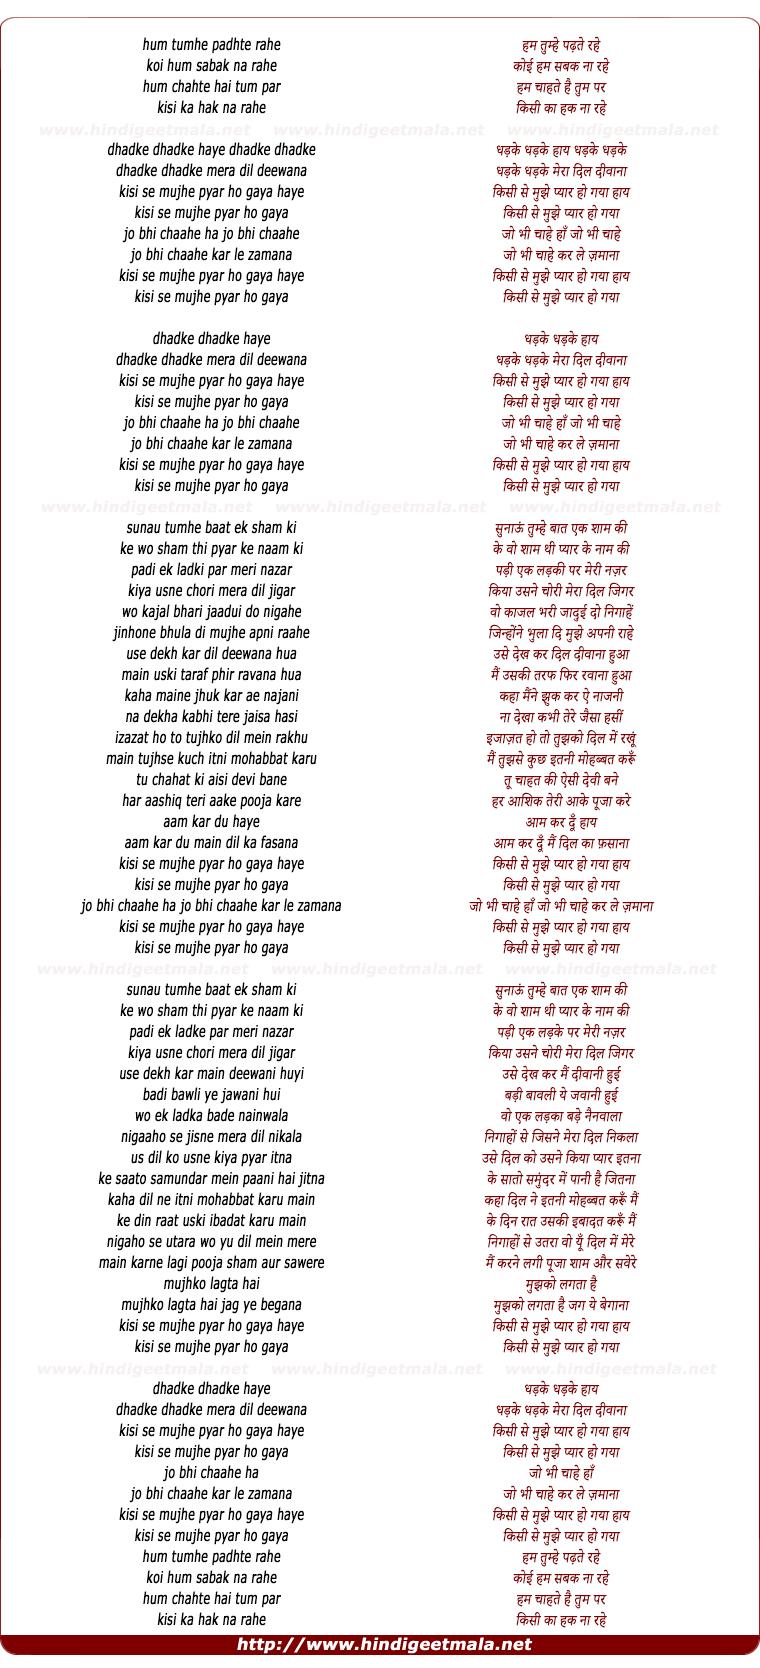 lyrics of song Dhadke Dhadke Dil Mera